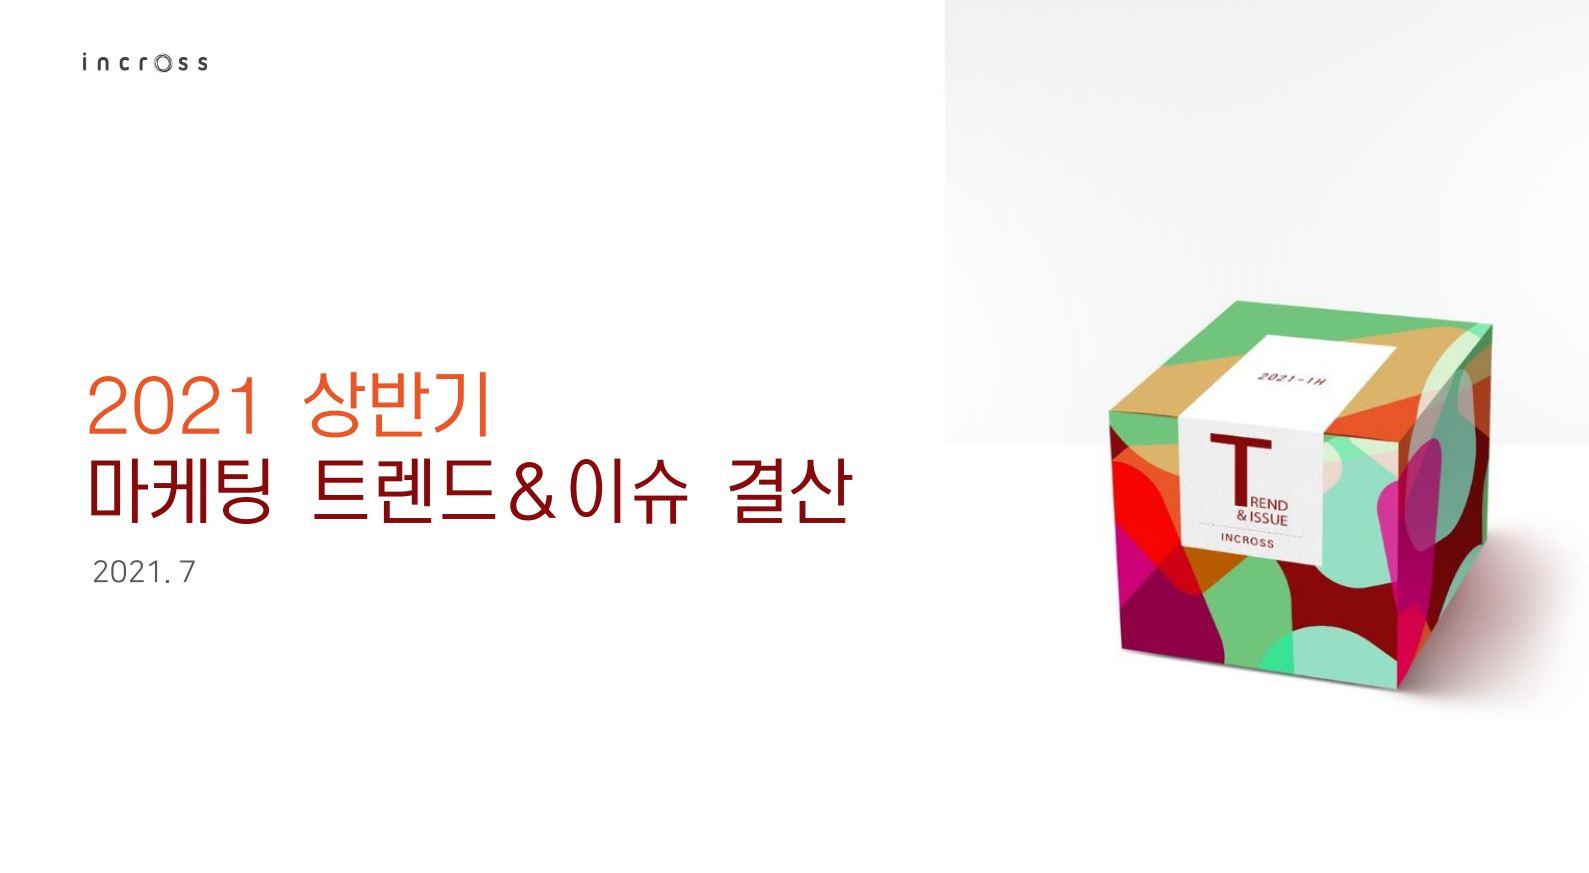 2021 상반기 마케팅 트렌드&이슈 결산.JPG